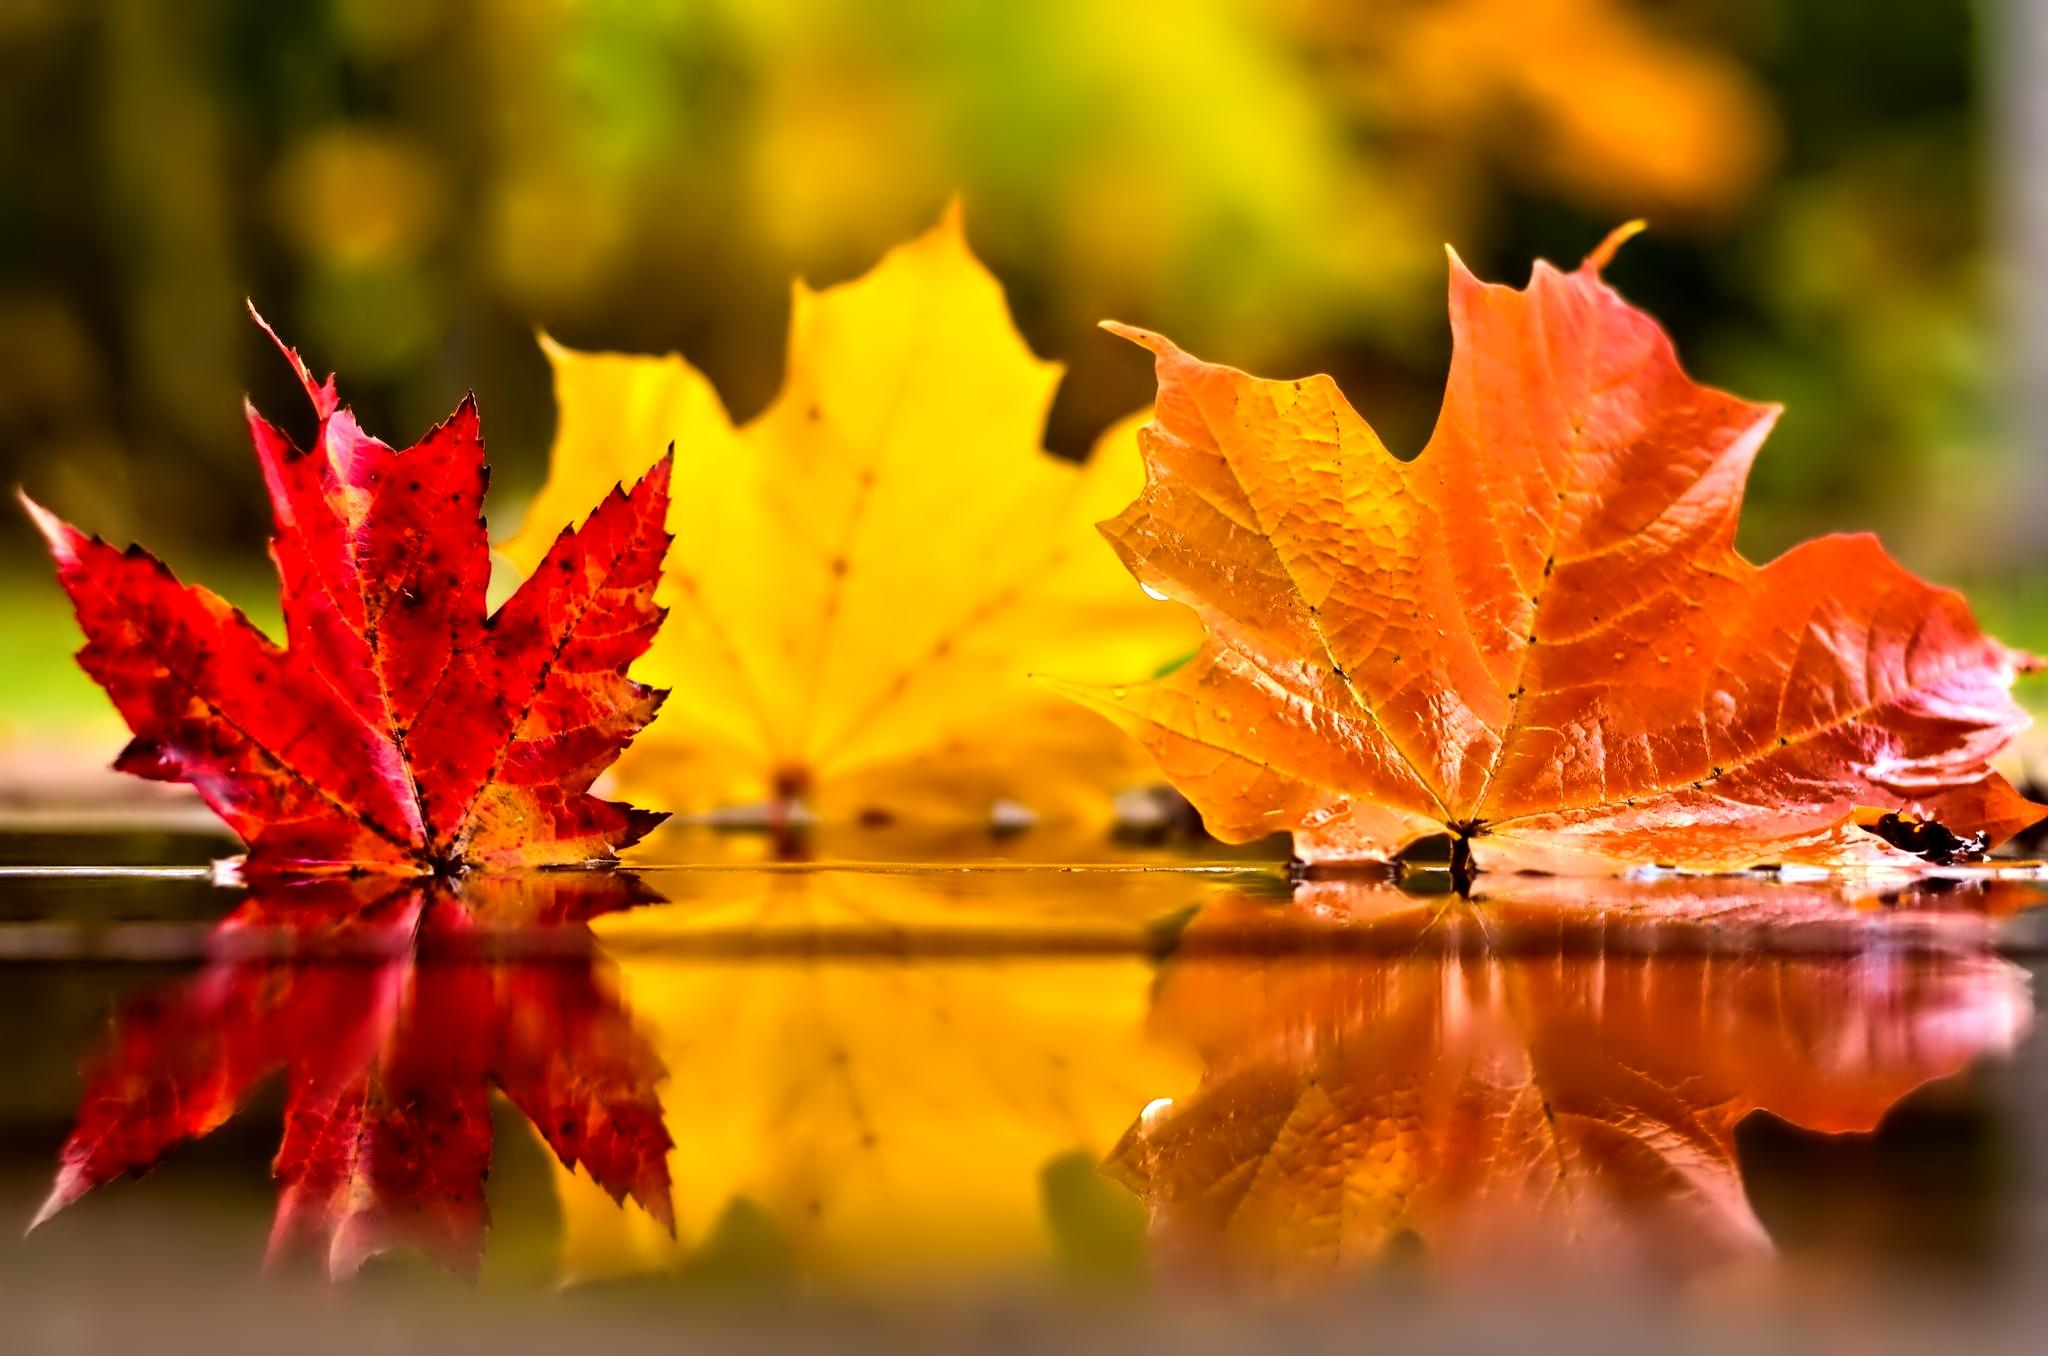 Frosty Fall Leaves Wallpaper November Wallpapers Hd Free Download Pixelstalk Net